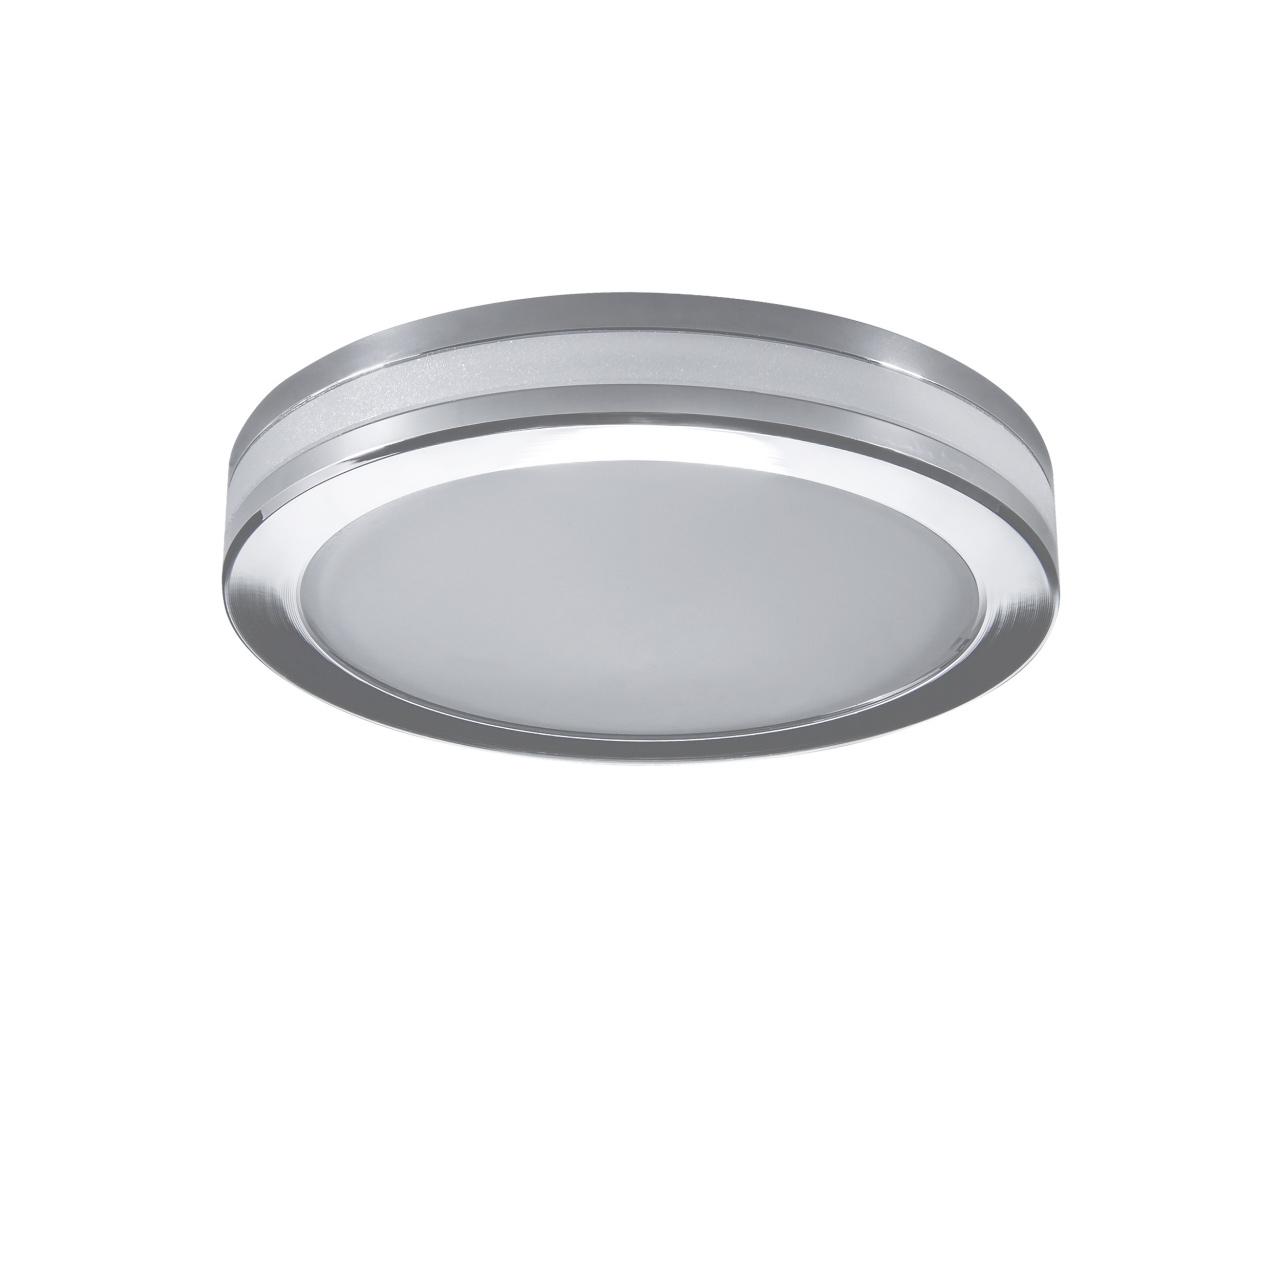 Светильник Maturo LED 5W 470LM хром / матовый 3000K Lightstar 070252